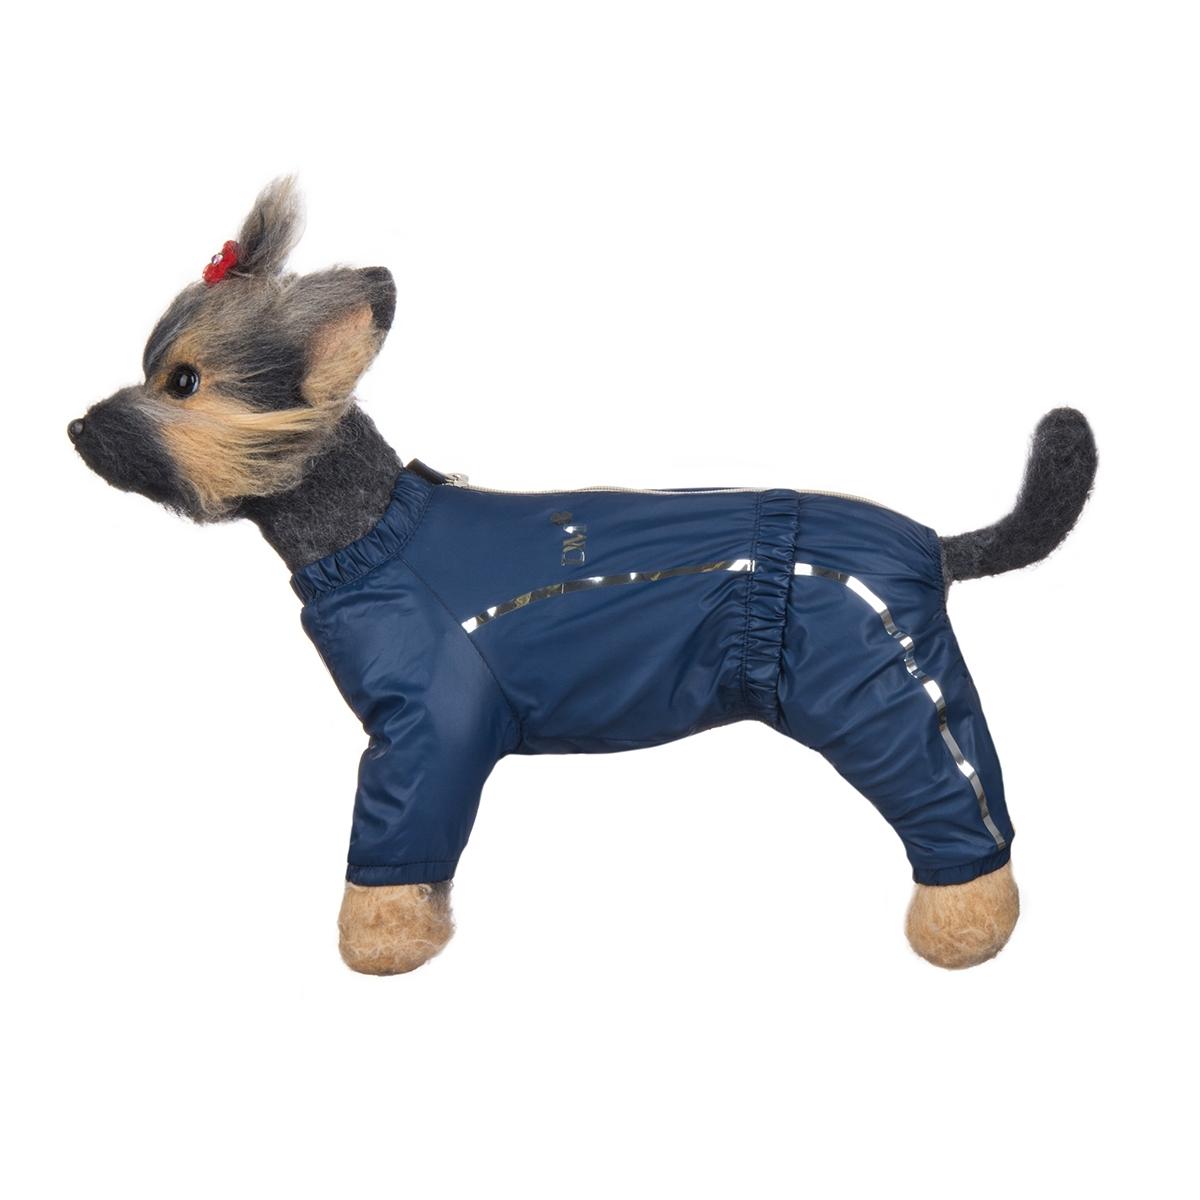 Комбинезон для собак Dogmoda Альпы, для мальчика, цвет: синий. Размер 2 (M). DM-160101DM-160101-2_синийКомбинезон для собак Dogmoda Альпы отлично подойдет для прогулок поздней осенью или ранней весной. Комбинезон изготовлен из полиэстера, защищающего от ветра и осадков, с подкладкой из флиса, которая сохранит тепло и обеспечит отличный воздухообмен. Комбинезон застегивается на молнию и липучку, благодаря чему его легко надевать и снимать. Ворот, низ рукавов и брючин оснащены внутренними резинками, которые мягко обхватывают шею и лапки, не позволяя просачиваться холодному воздуху. На пояснице имеется внутренняя резинка. Изделие декорировано золотистыми полосками и надписью DM. Благодаря такому комбинезону простуда не грозит вашему питомцу и он не даст любимцу продрогнуть на прогулке. Длина по спинке: 24 см. Объем груди: 39 см. Обхват шеи: 25 см.